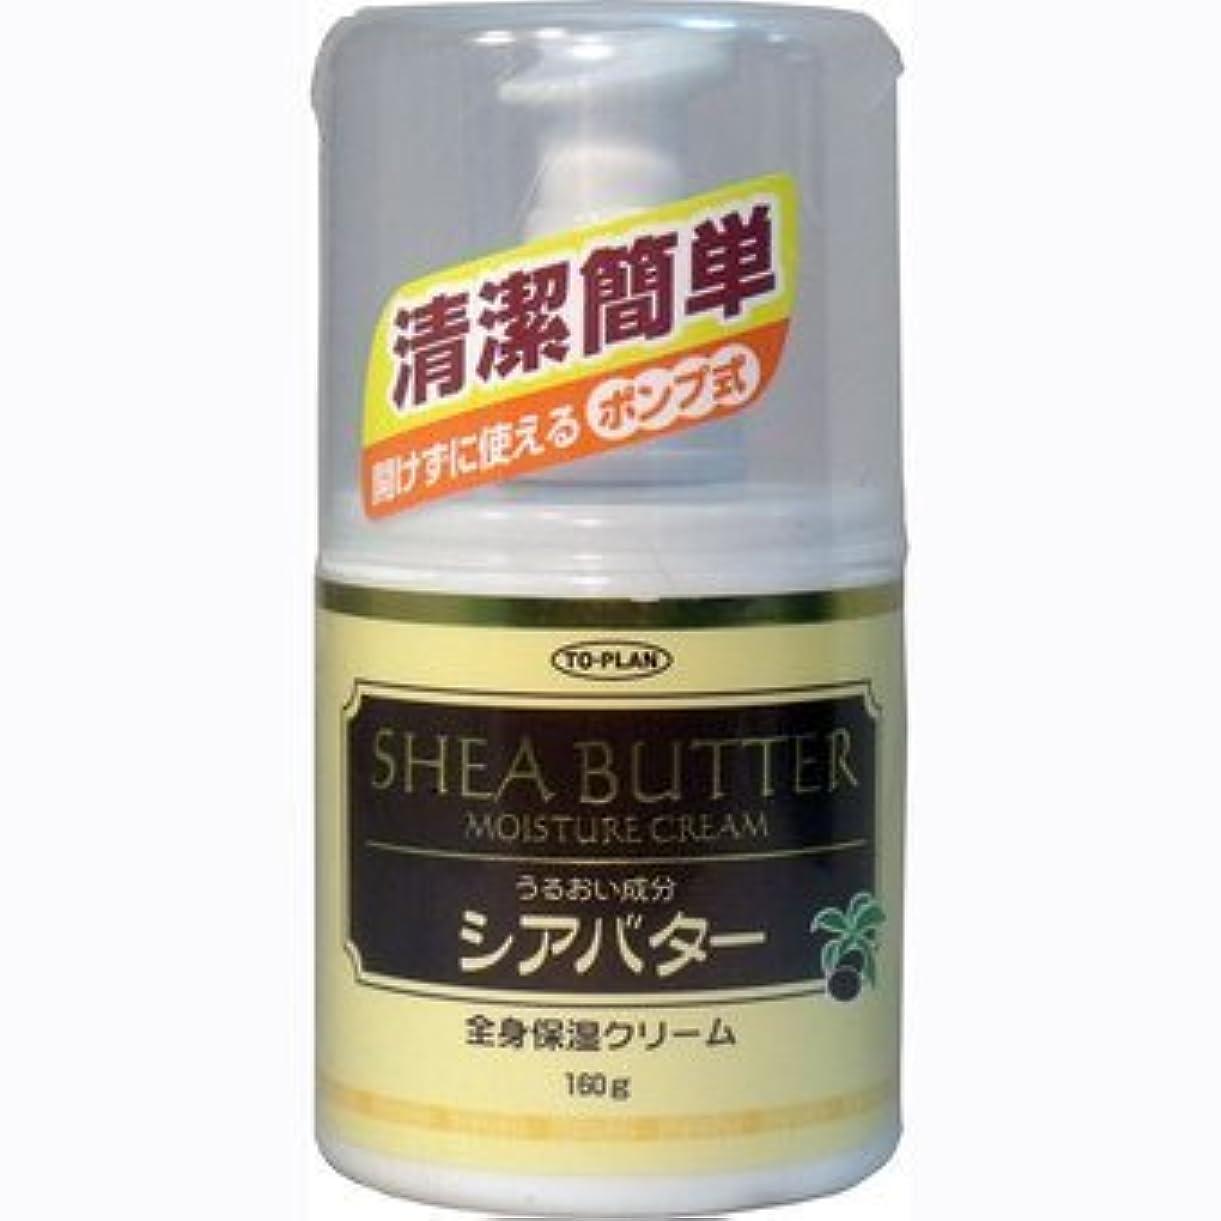 貢献クアッガ影響するトプラン 全身保湿クリーム シアバター ポンプ式 160g (商品内訳:単品1本)